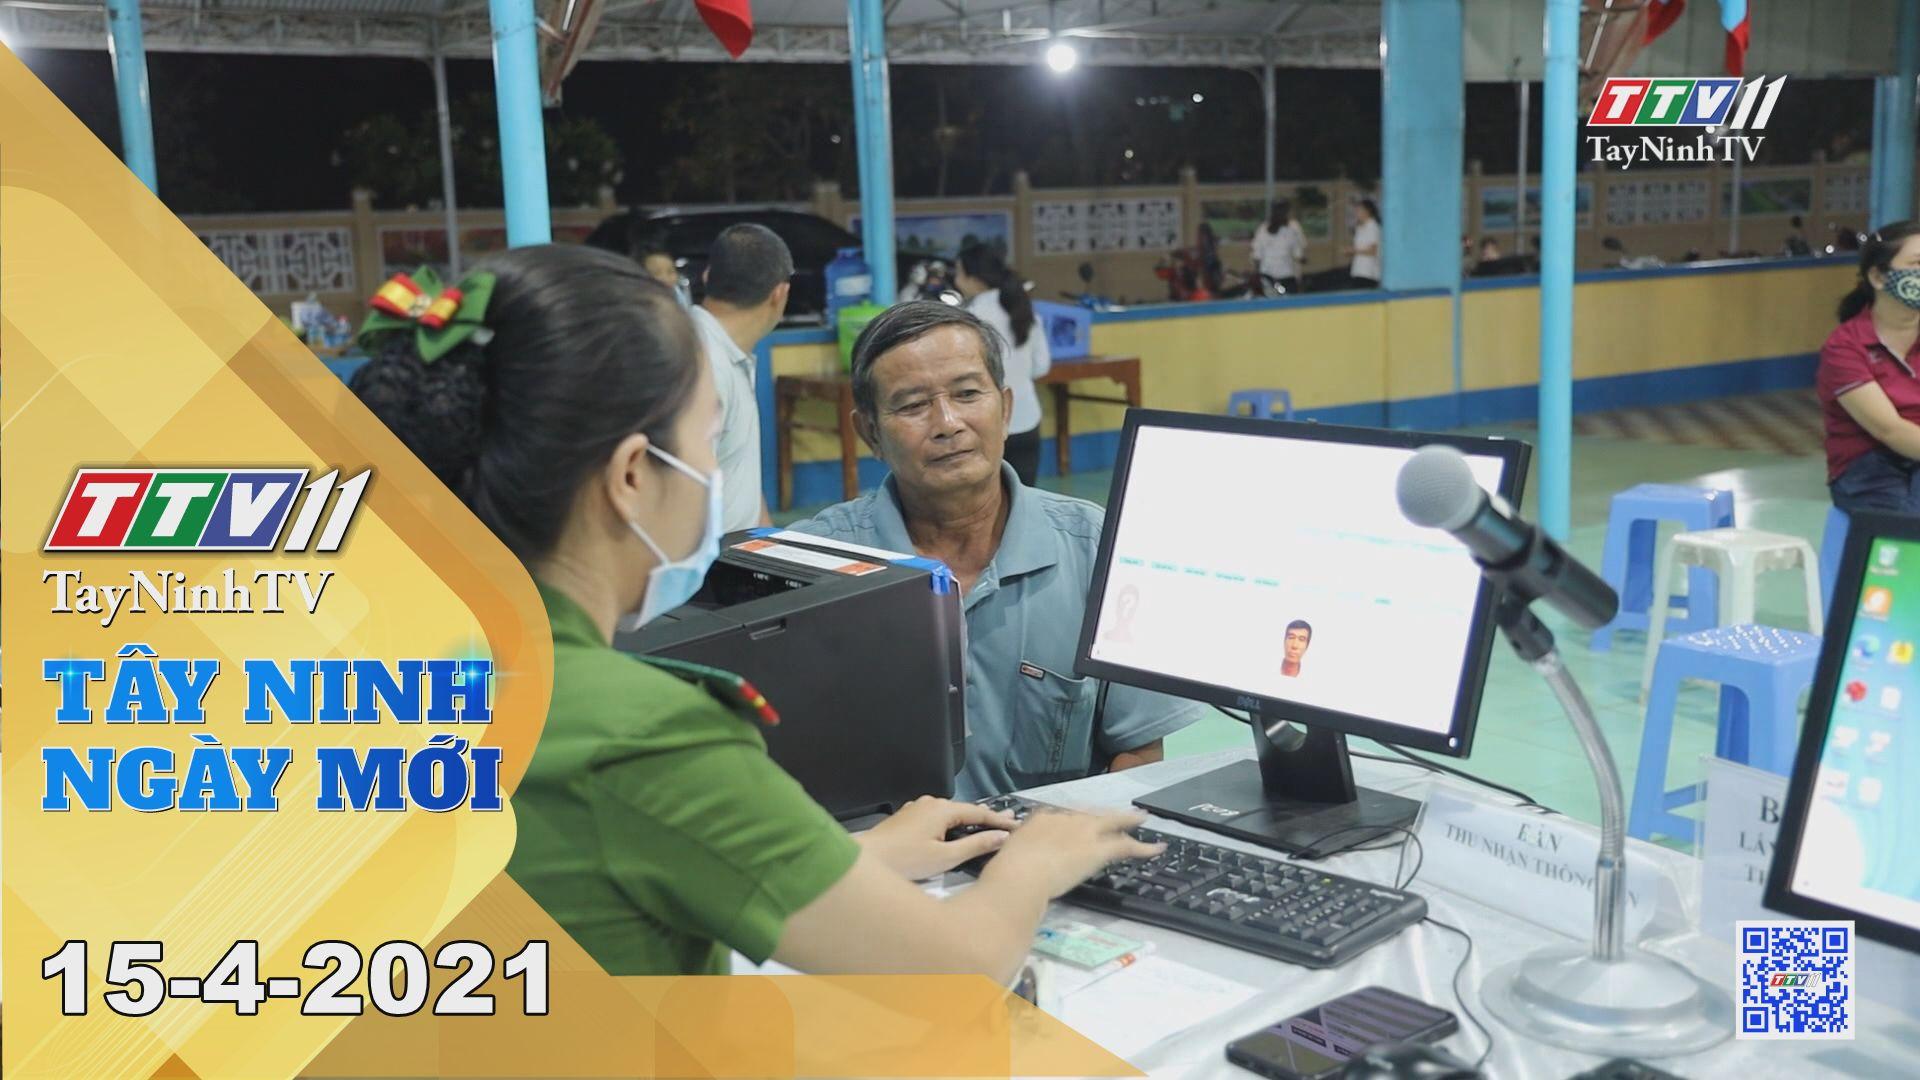 Tây Ninh Ngày Mới 15-4-2021 | Tin tức hôm nay | TayNinhTV